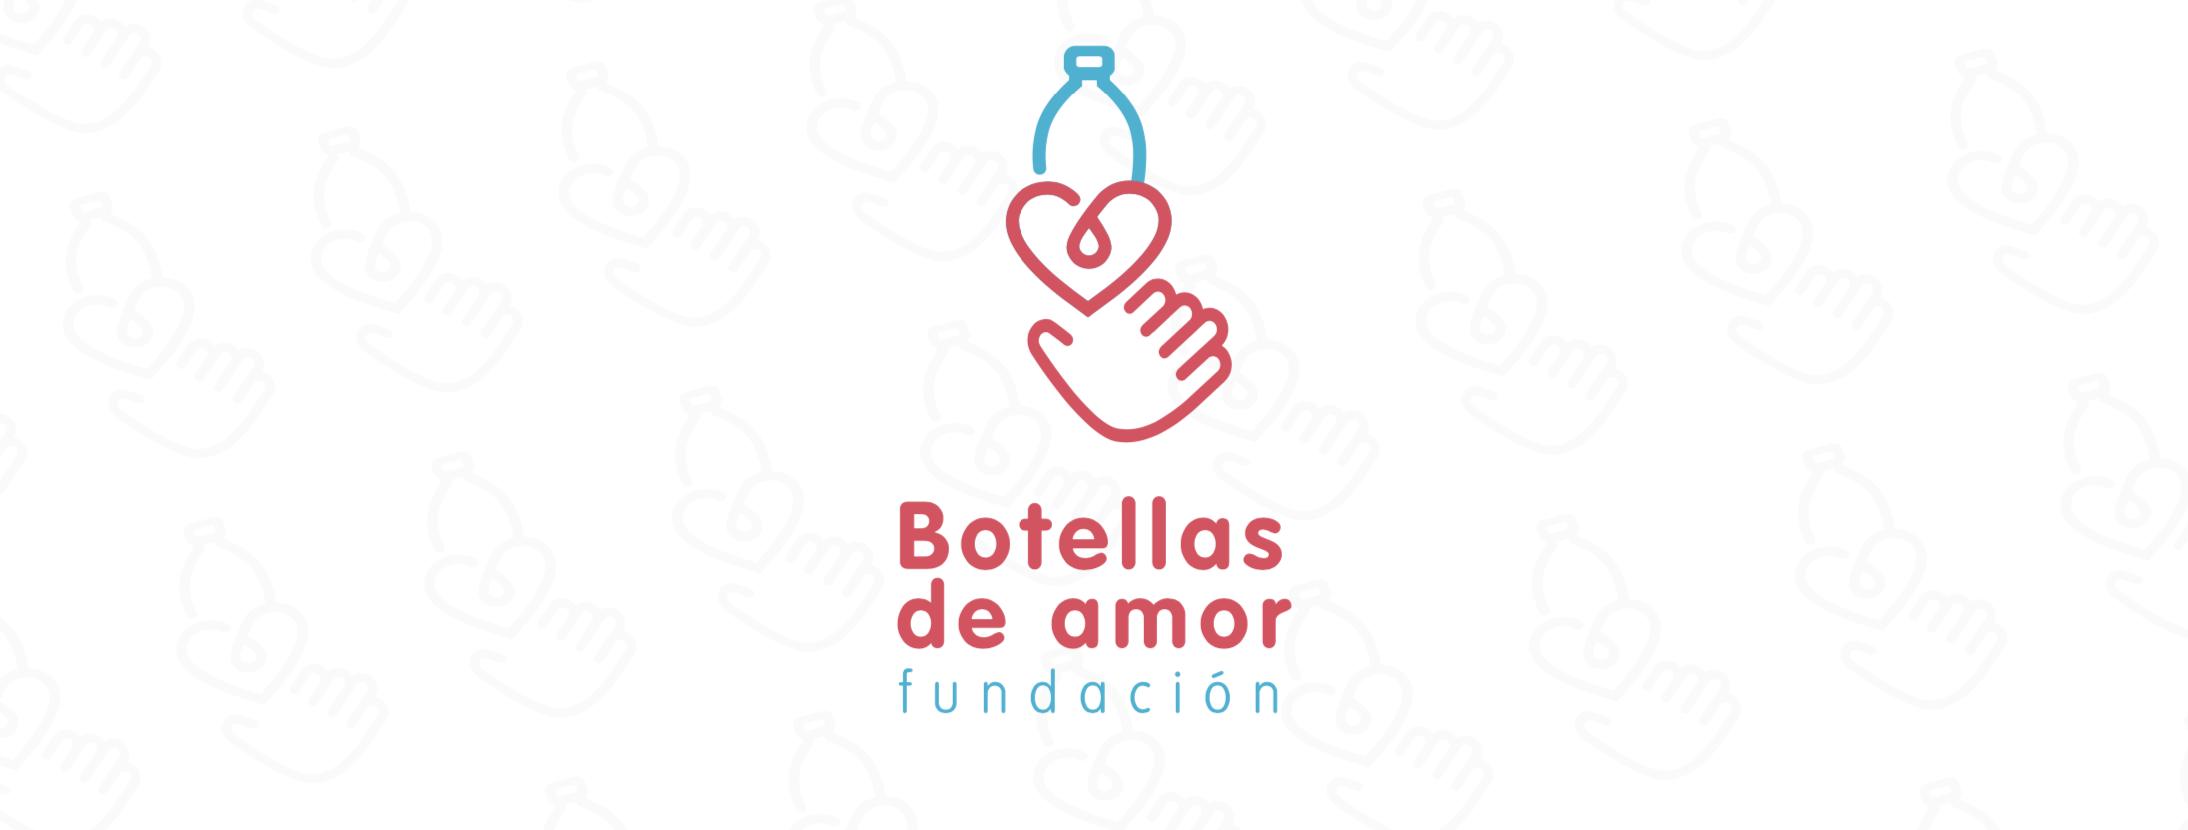 Fundación botellas de amor